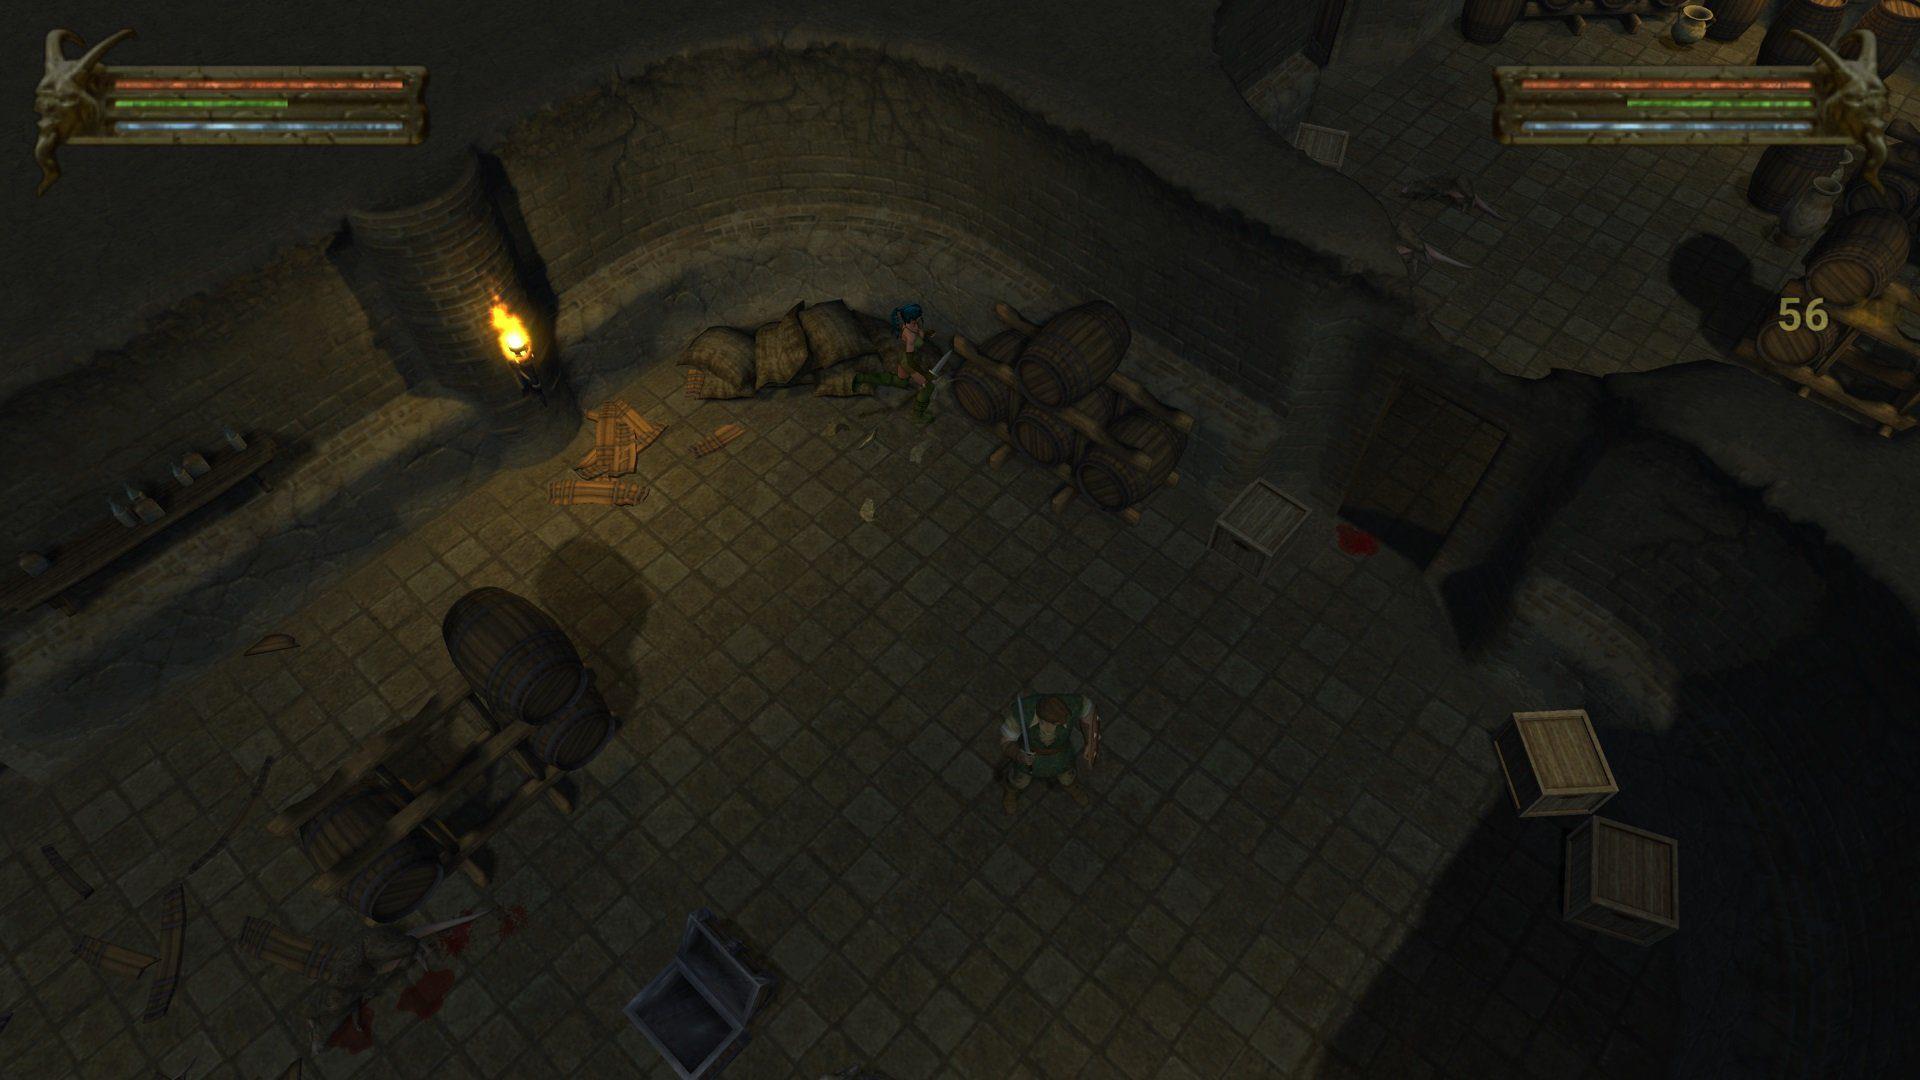 The Baldur's Gate: Dark Alliance re-release